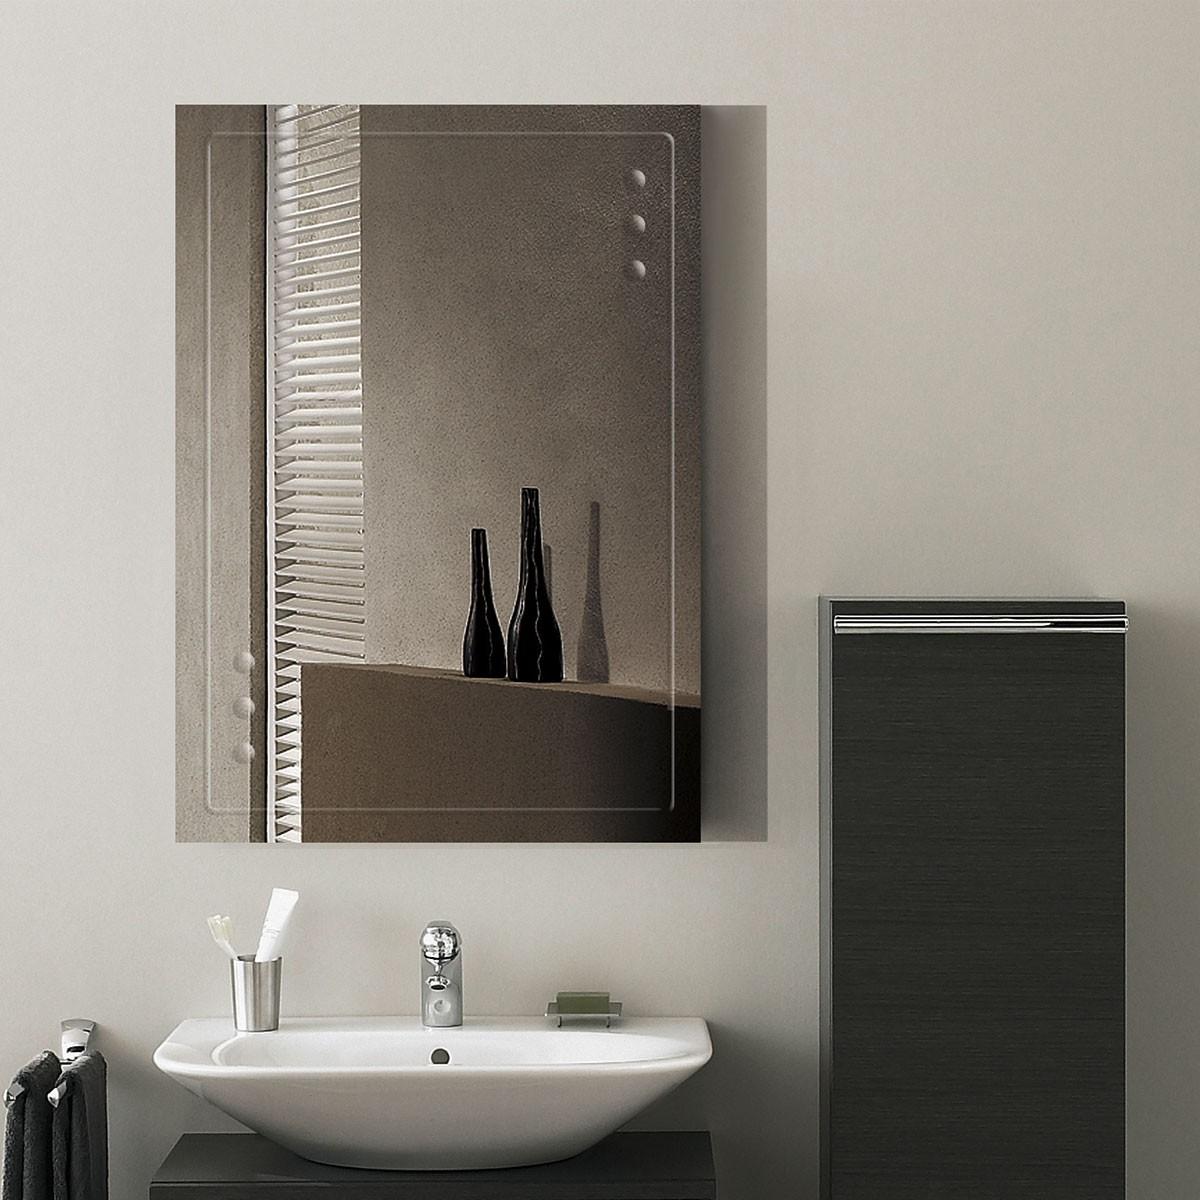 28 x 20 po miroir mural salle de bain classique for Miroir mural rectangulaire sans cadre